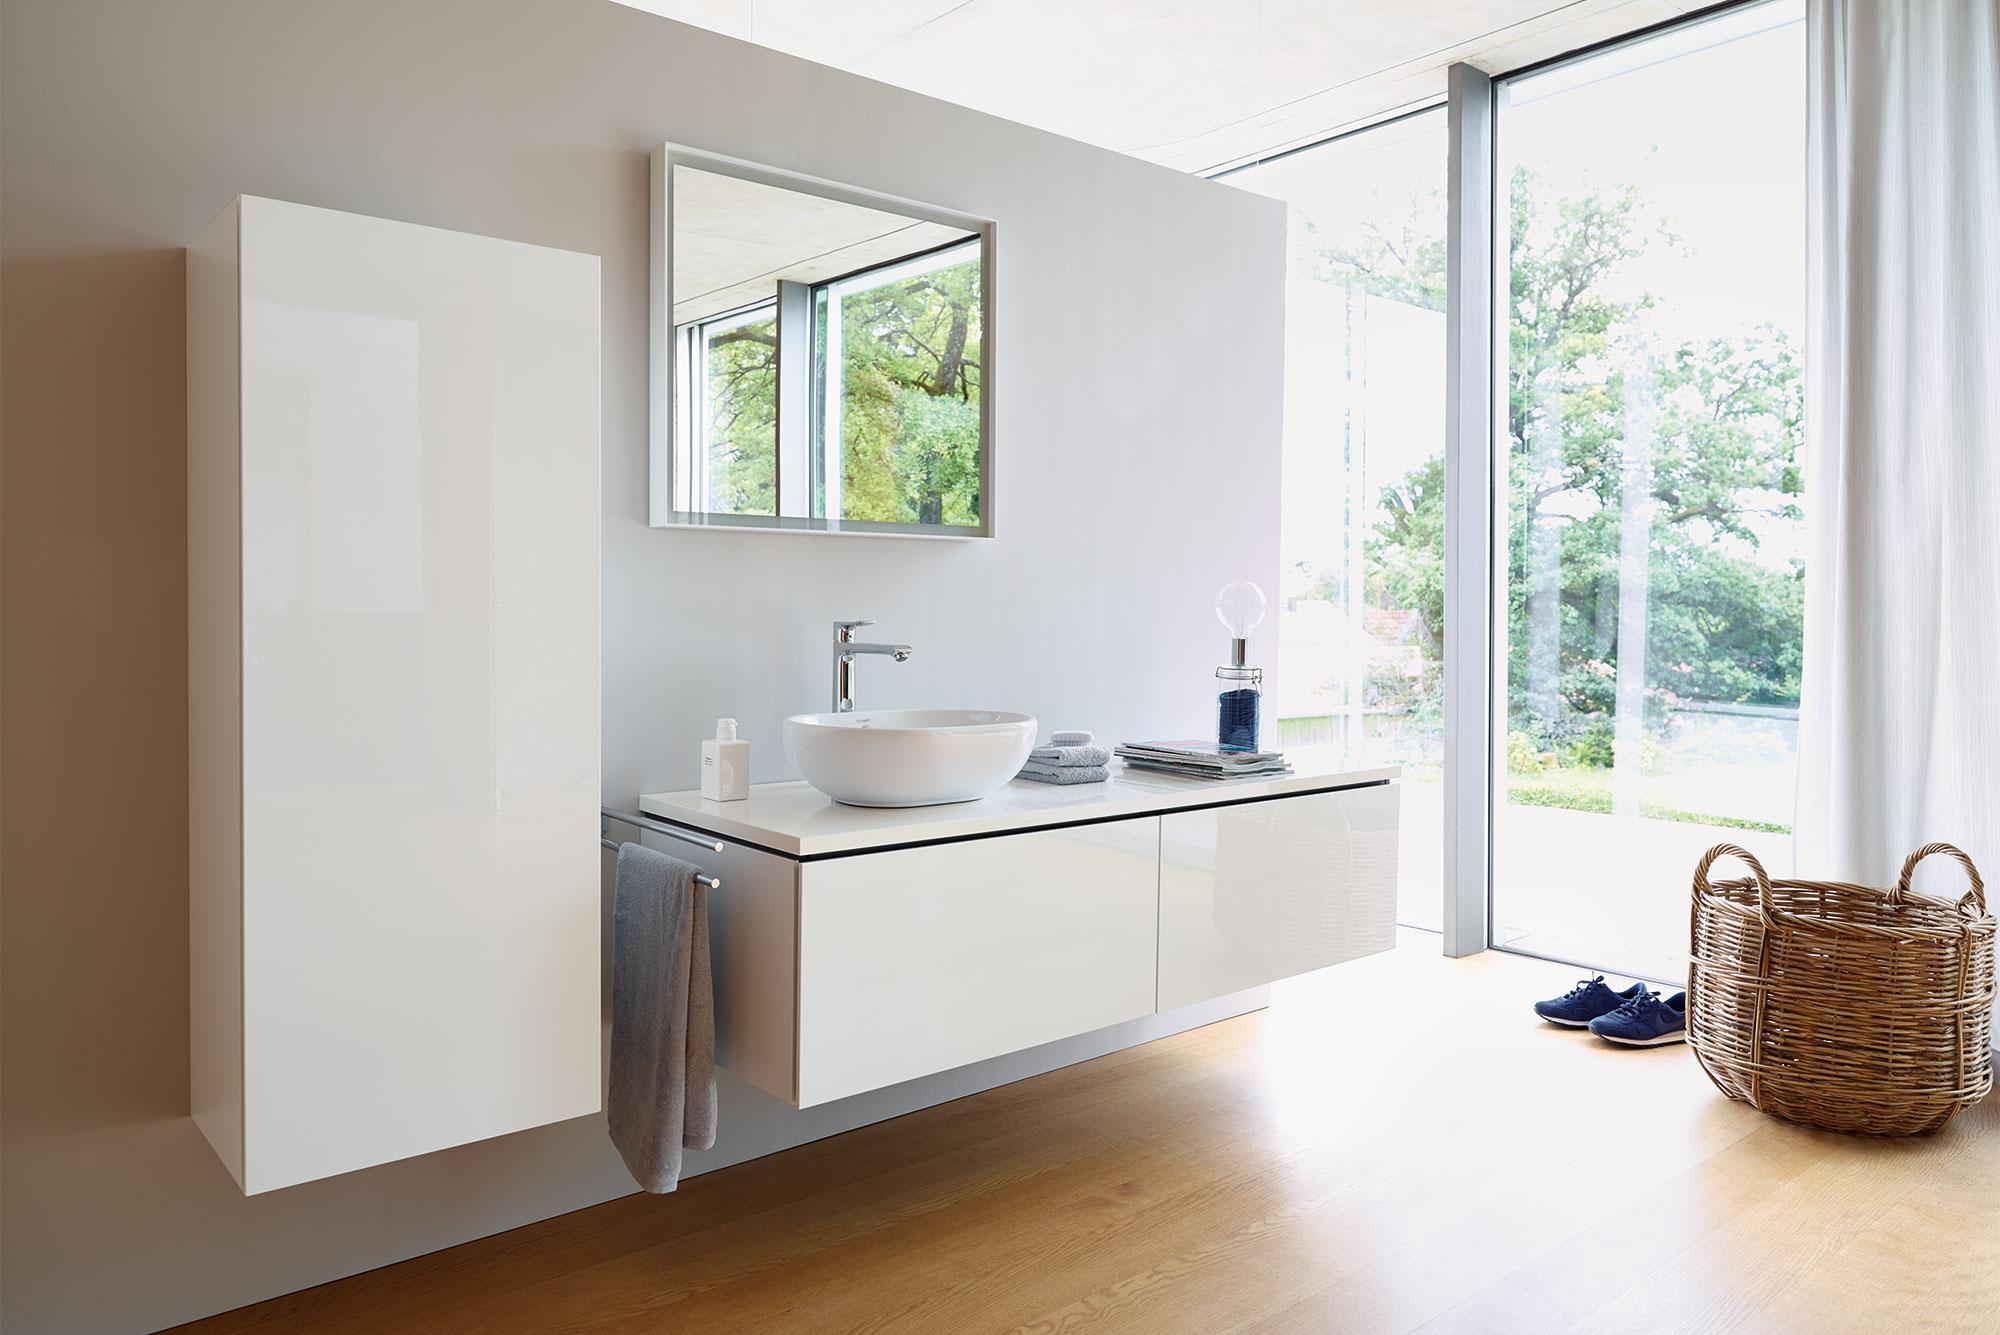 Fantastisch Traum Küchen Und Bäder Ideen - Küche Set Ideen ...